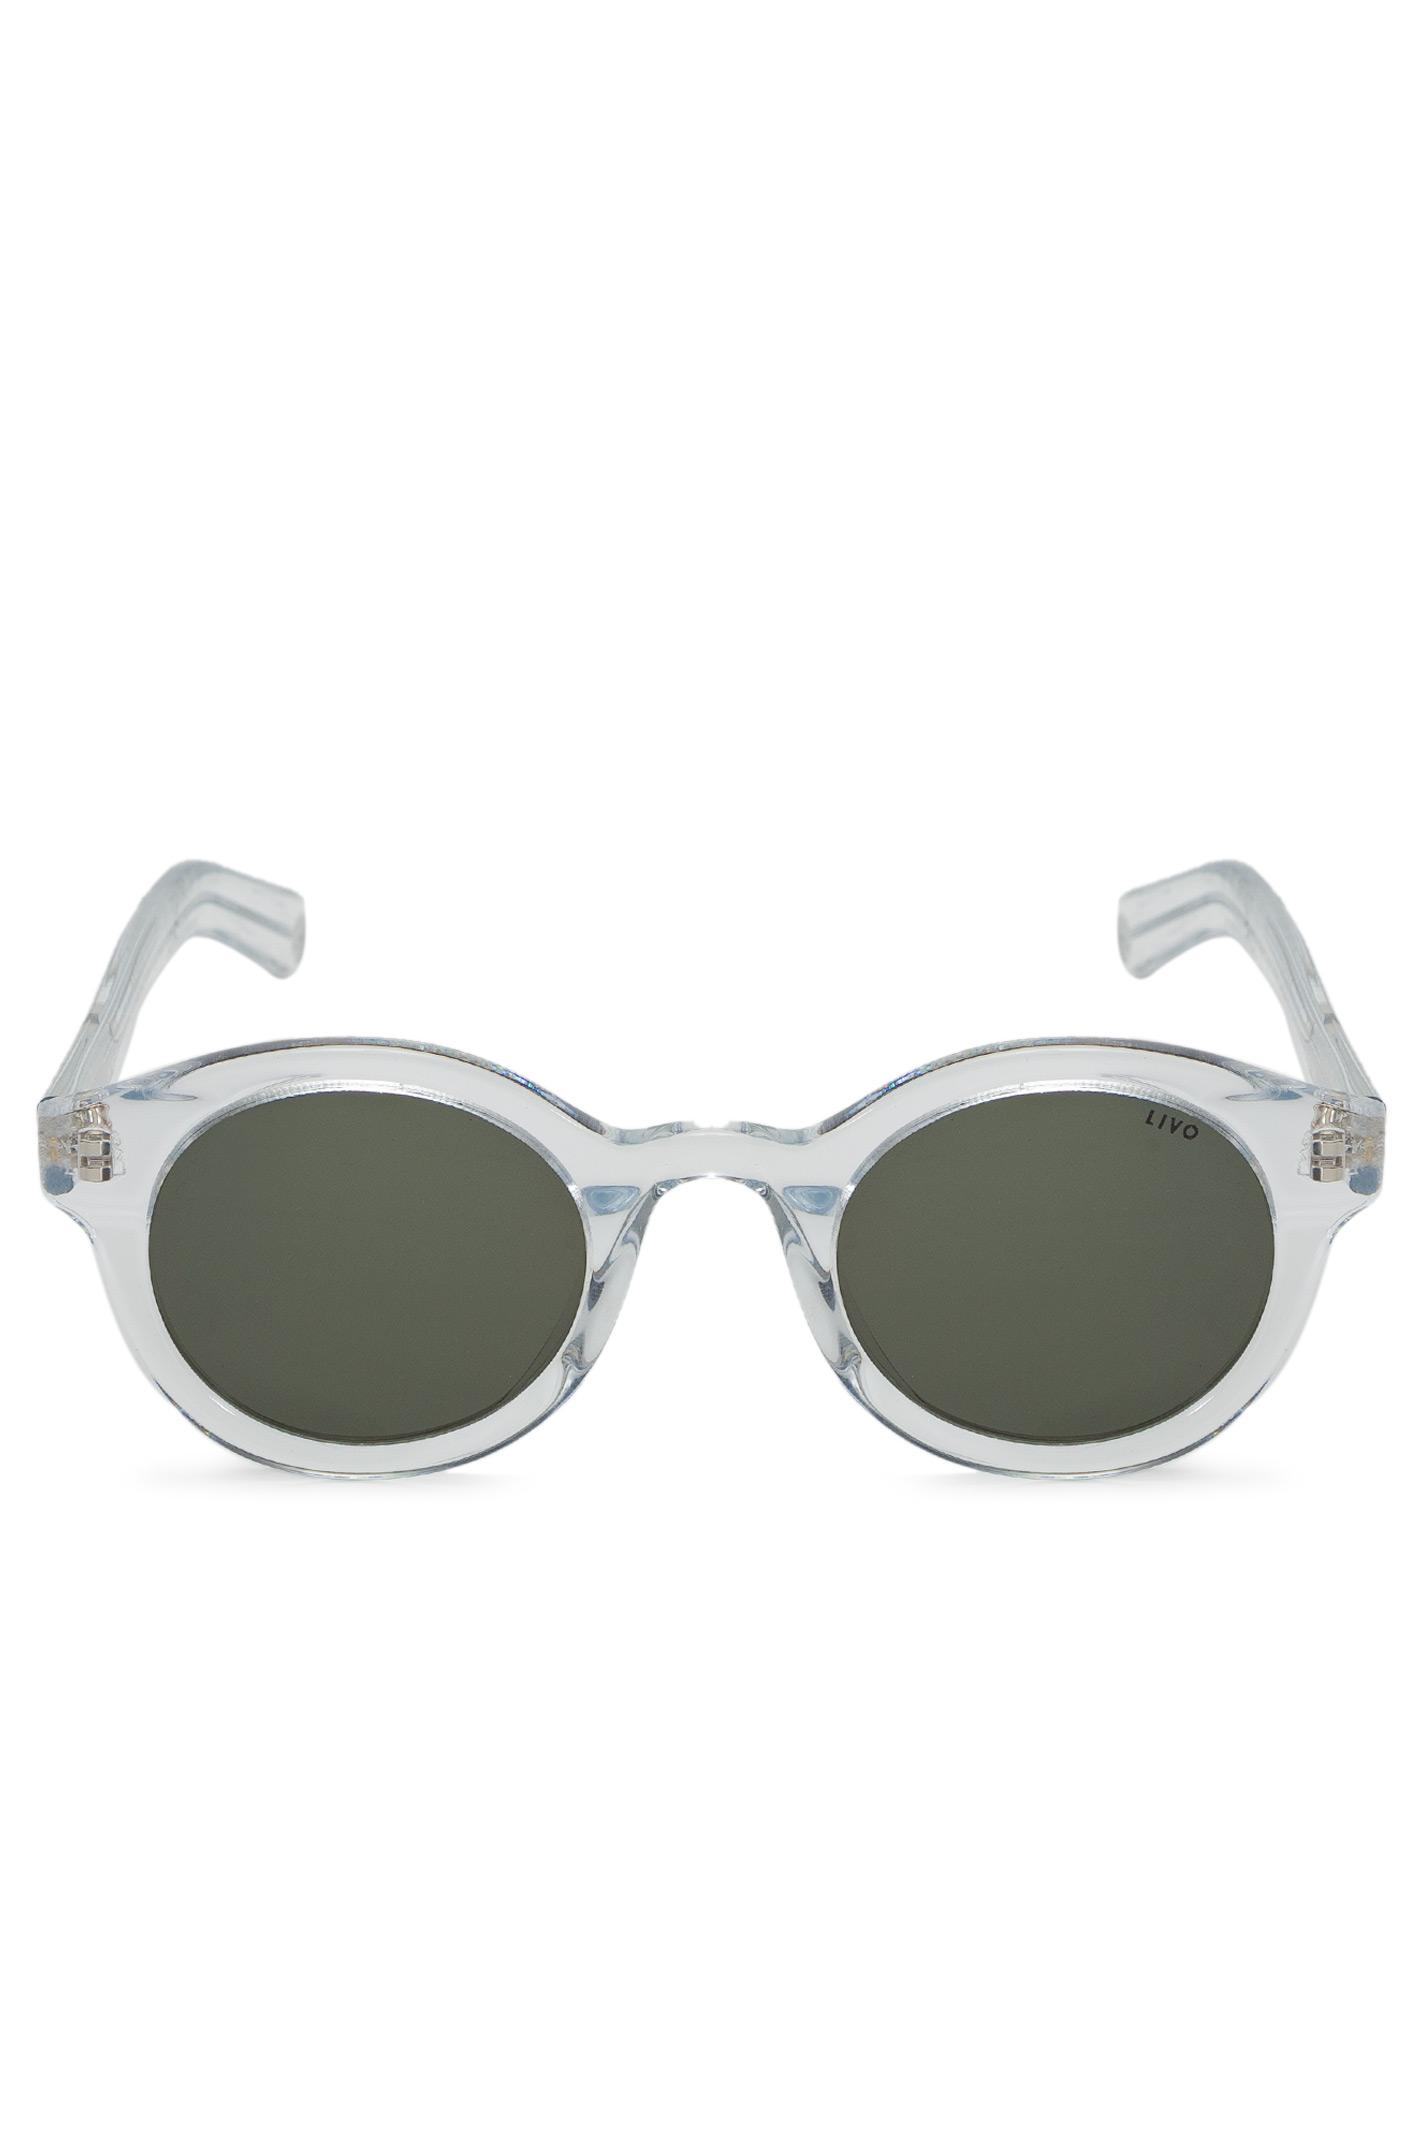 Óculos Louis Solar Cristal